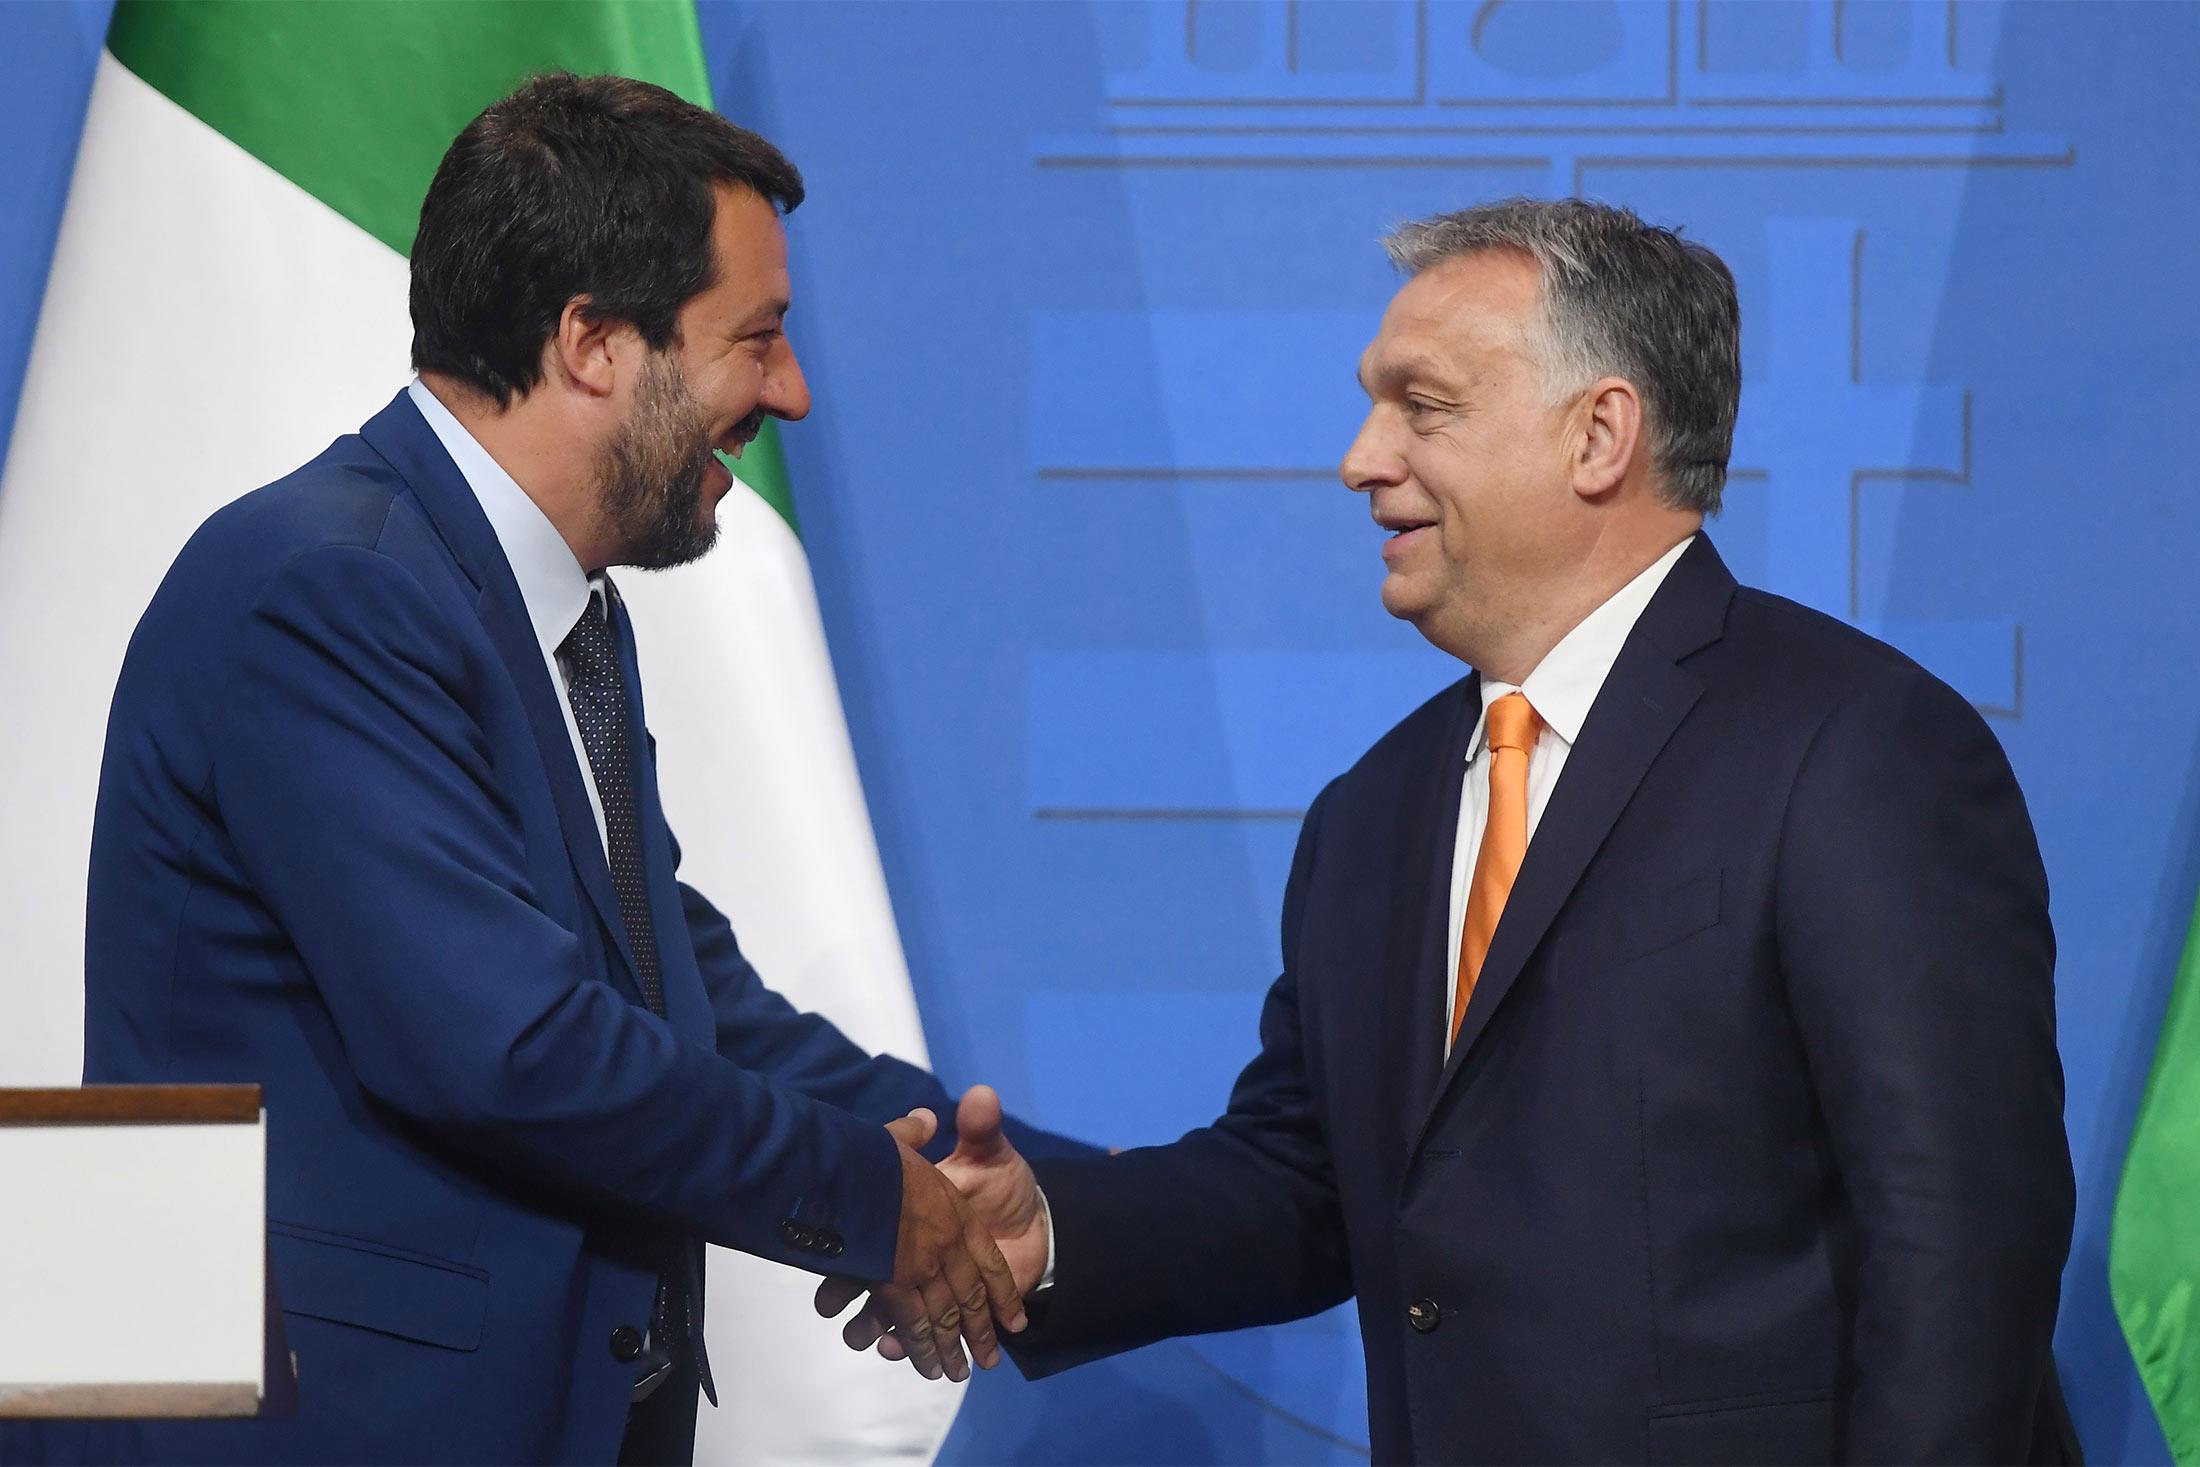 Mateo Salvini i Viktor Orban se rukuju tokom zajedničke konferencije za medije, Budimpešta, 02. maj 2019. (Foto: Attila Kisbenedek/AFP/Getty Images)